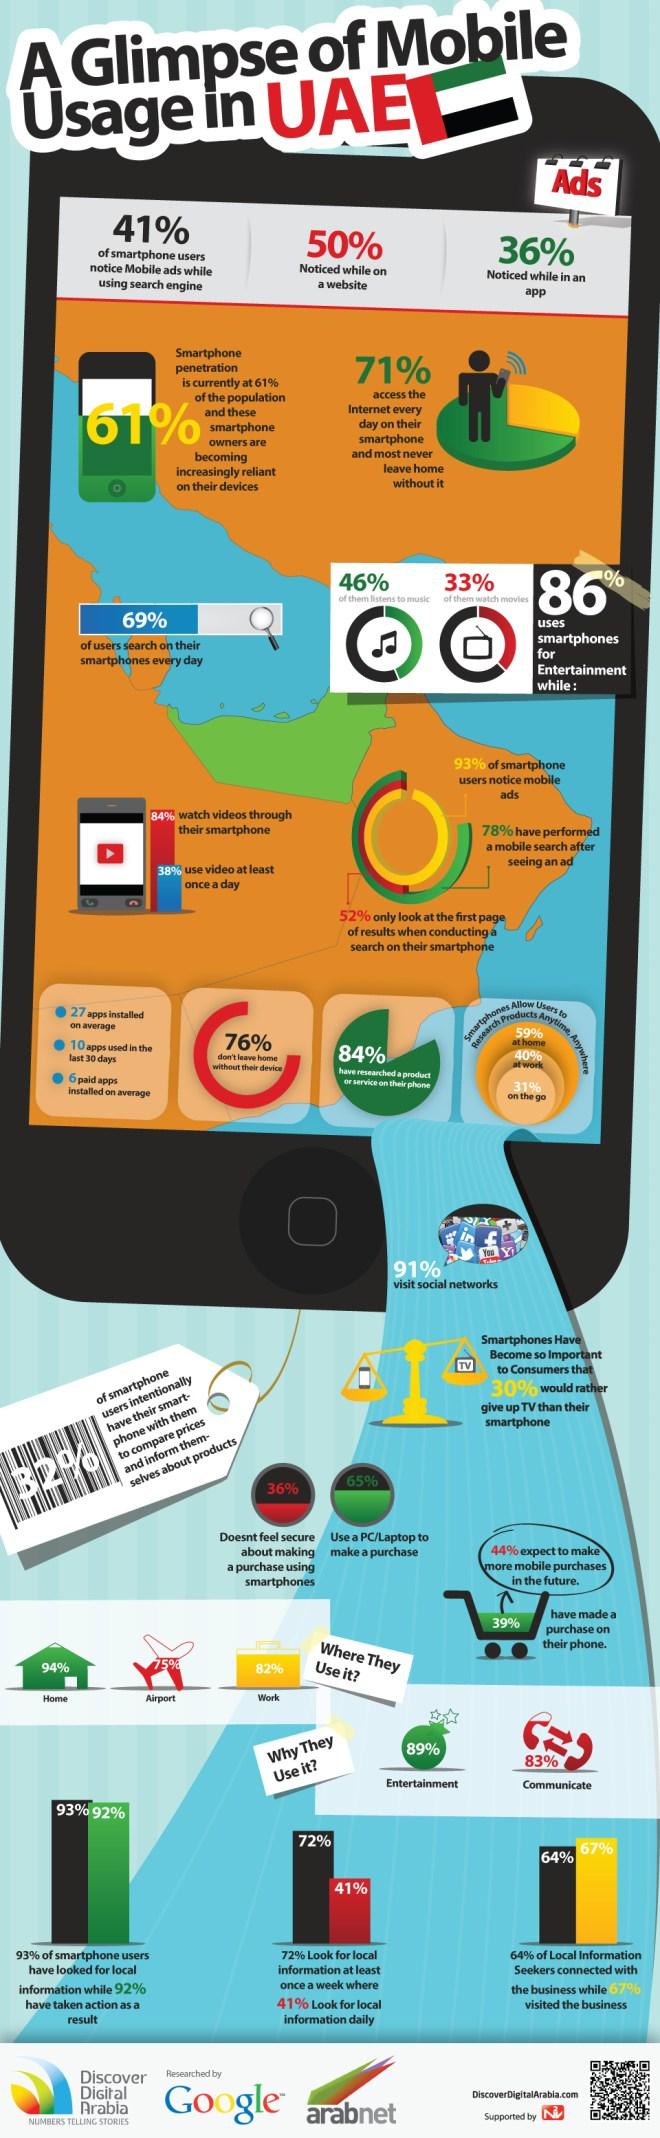 استخدام واحصائيات الهواتف الذكية في الامارات